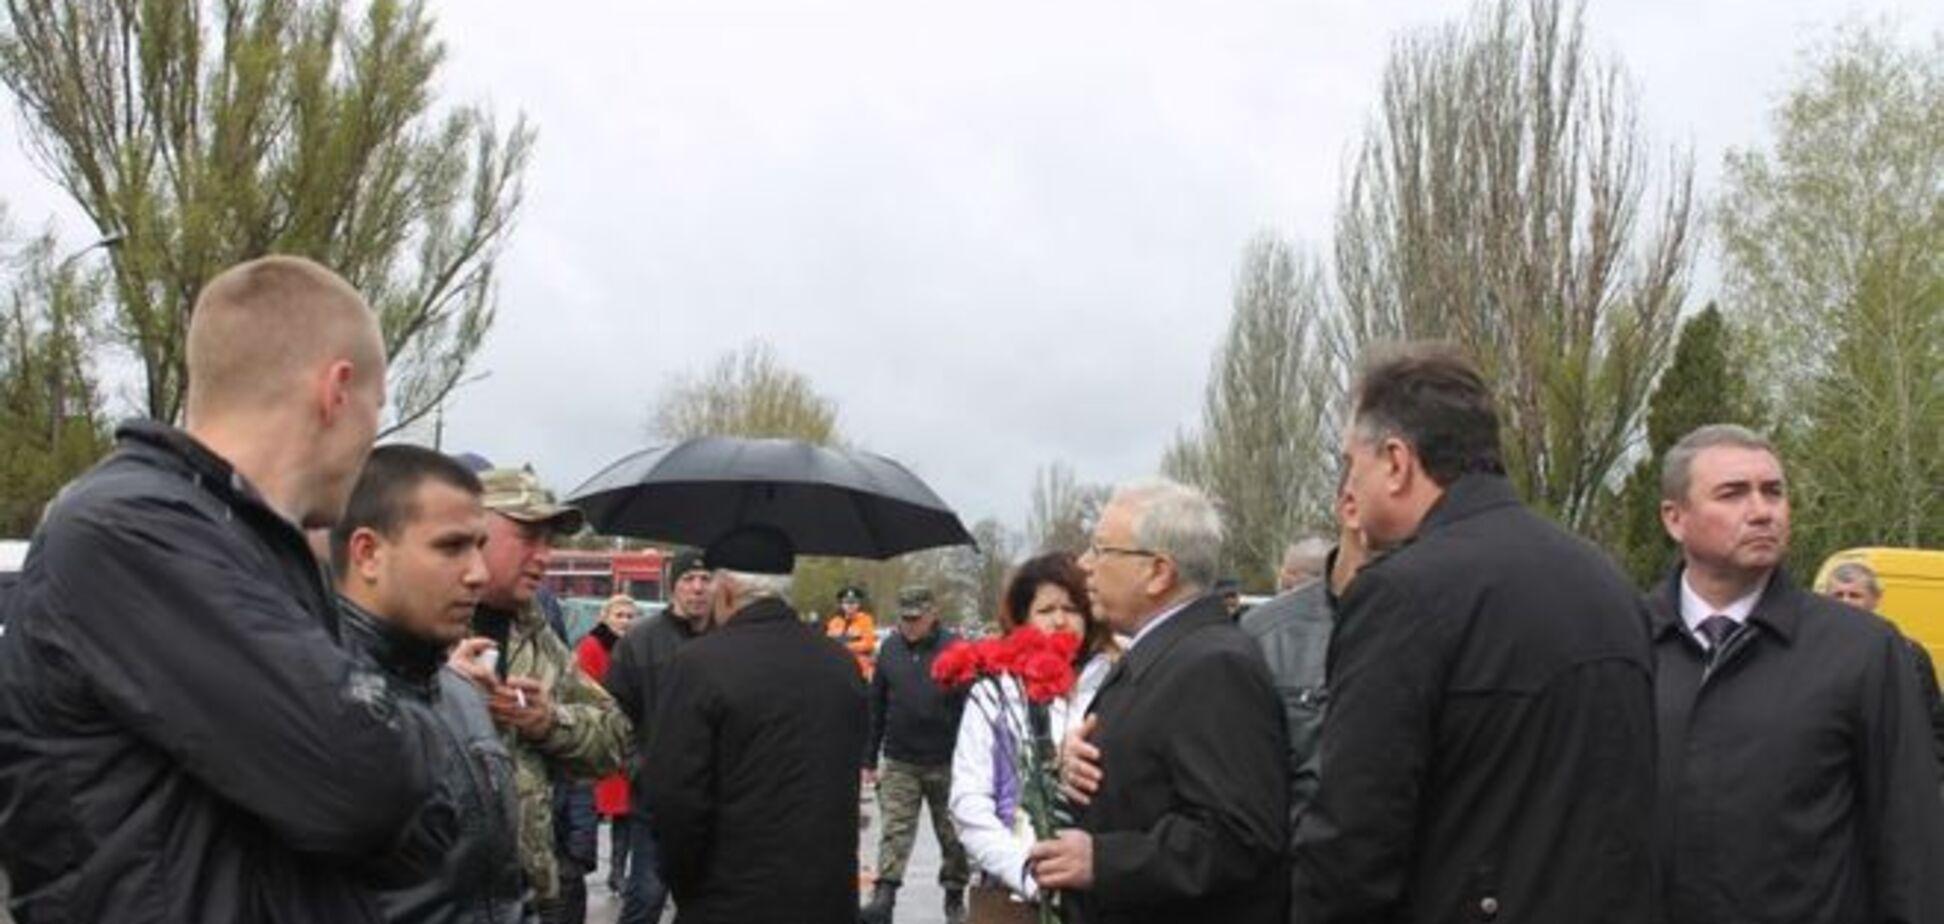 Отца Вилкула с дракой не пускали на панихиду по бойцам АТО: фото с места событий